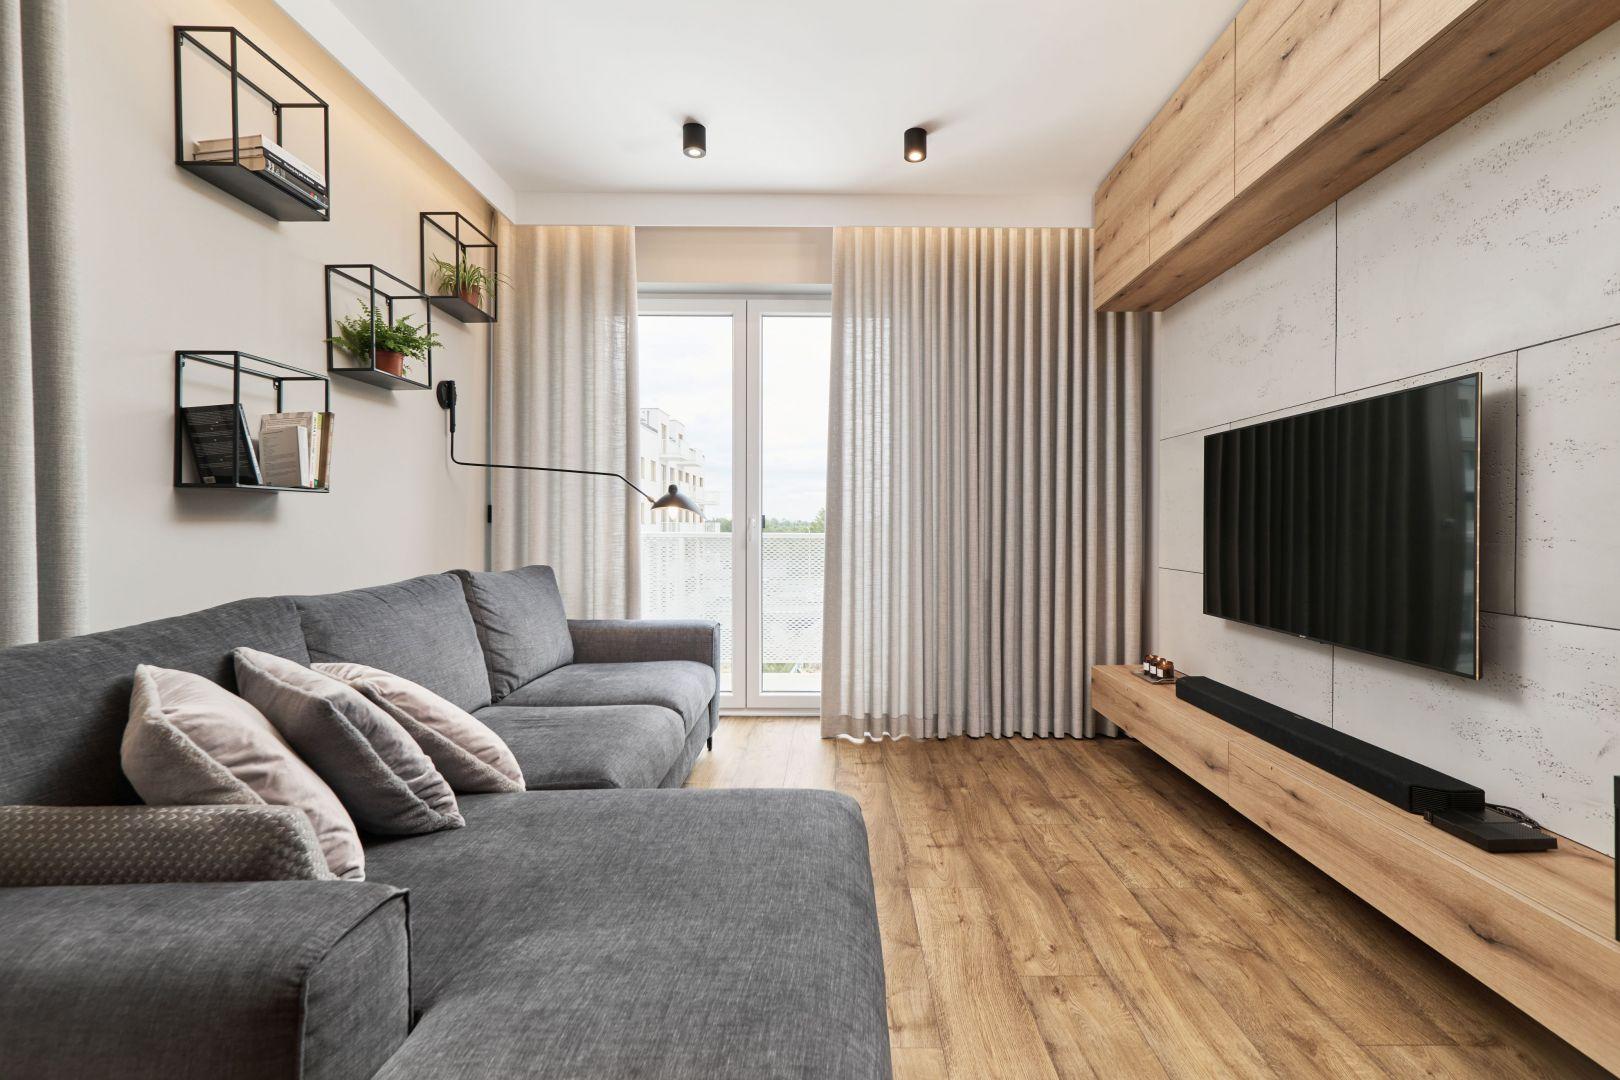 Podłoga w salonie wykończona jest panelami winylowymi. Projekt: Monika Staniec. Fot. Wojciech Dziadosz